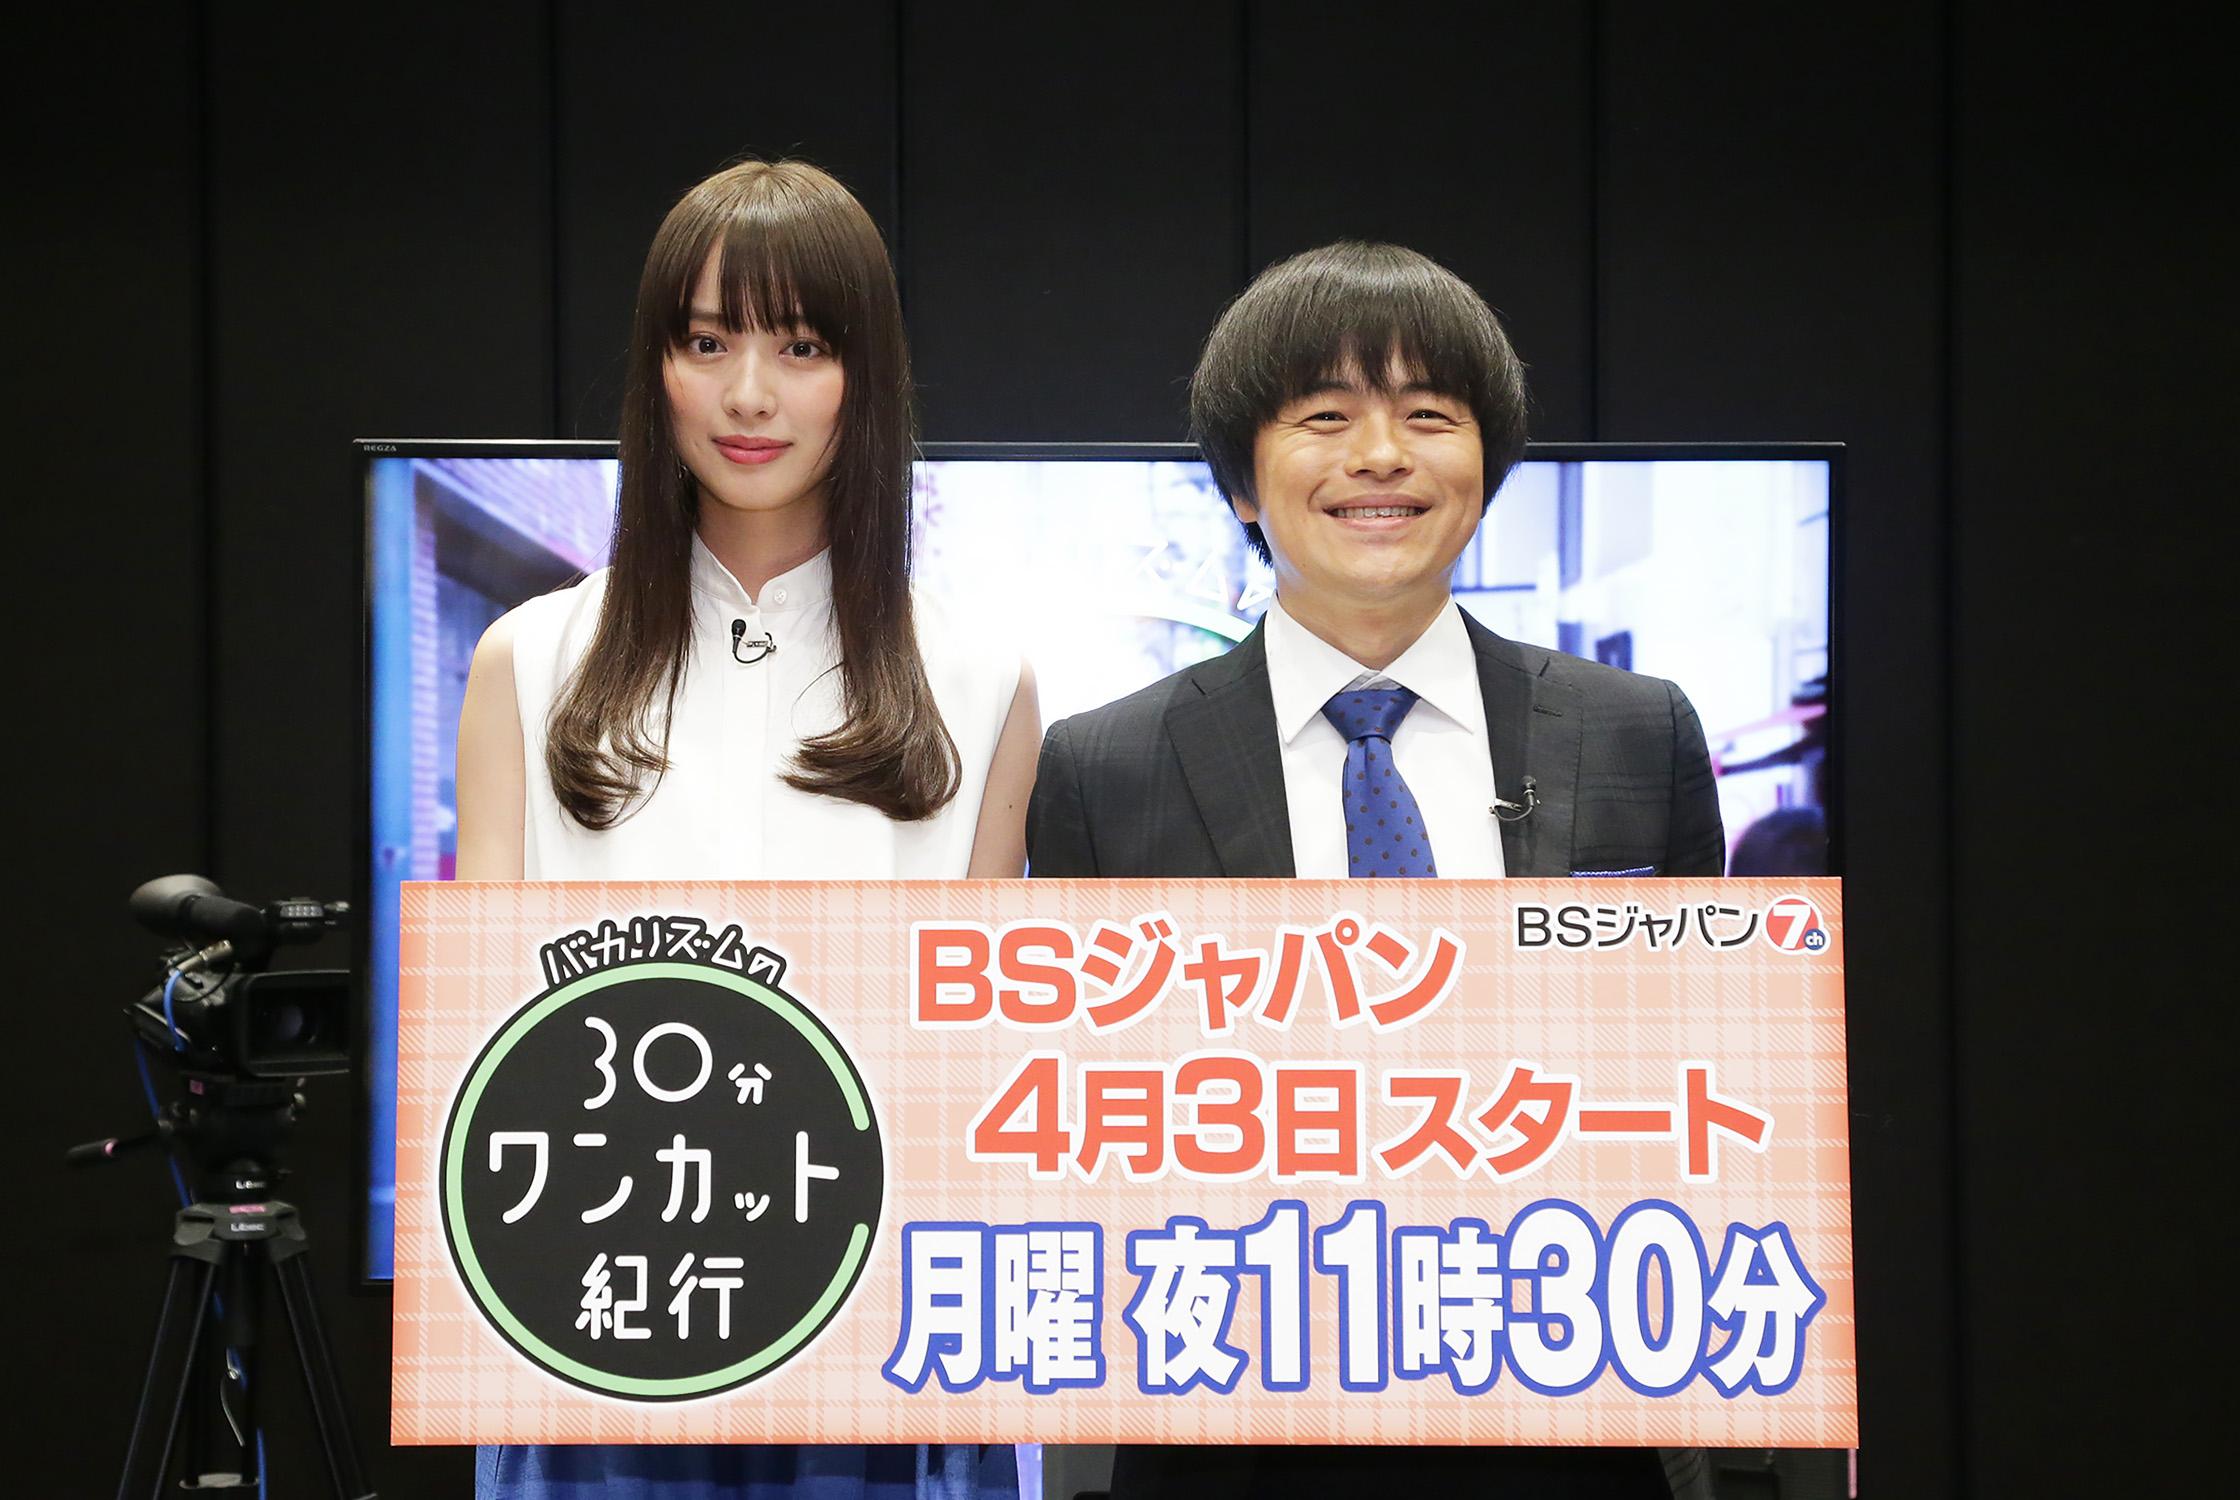 女優・内田理央、番組MCに挑戦。バカリズムと新感覚映像紀行バラエティに